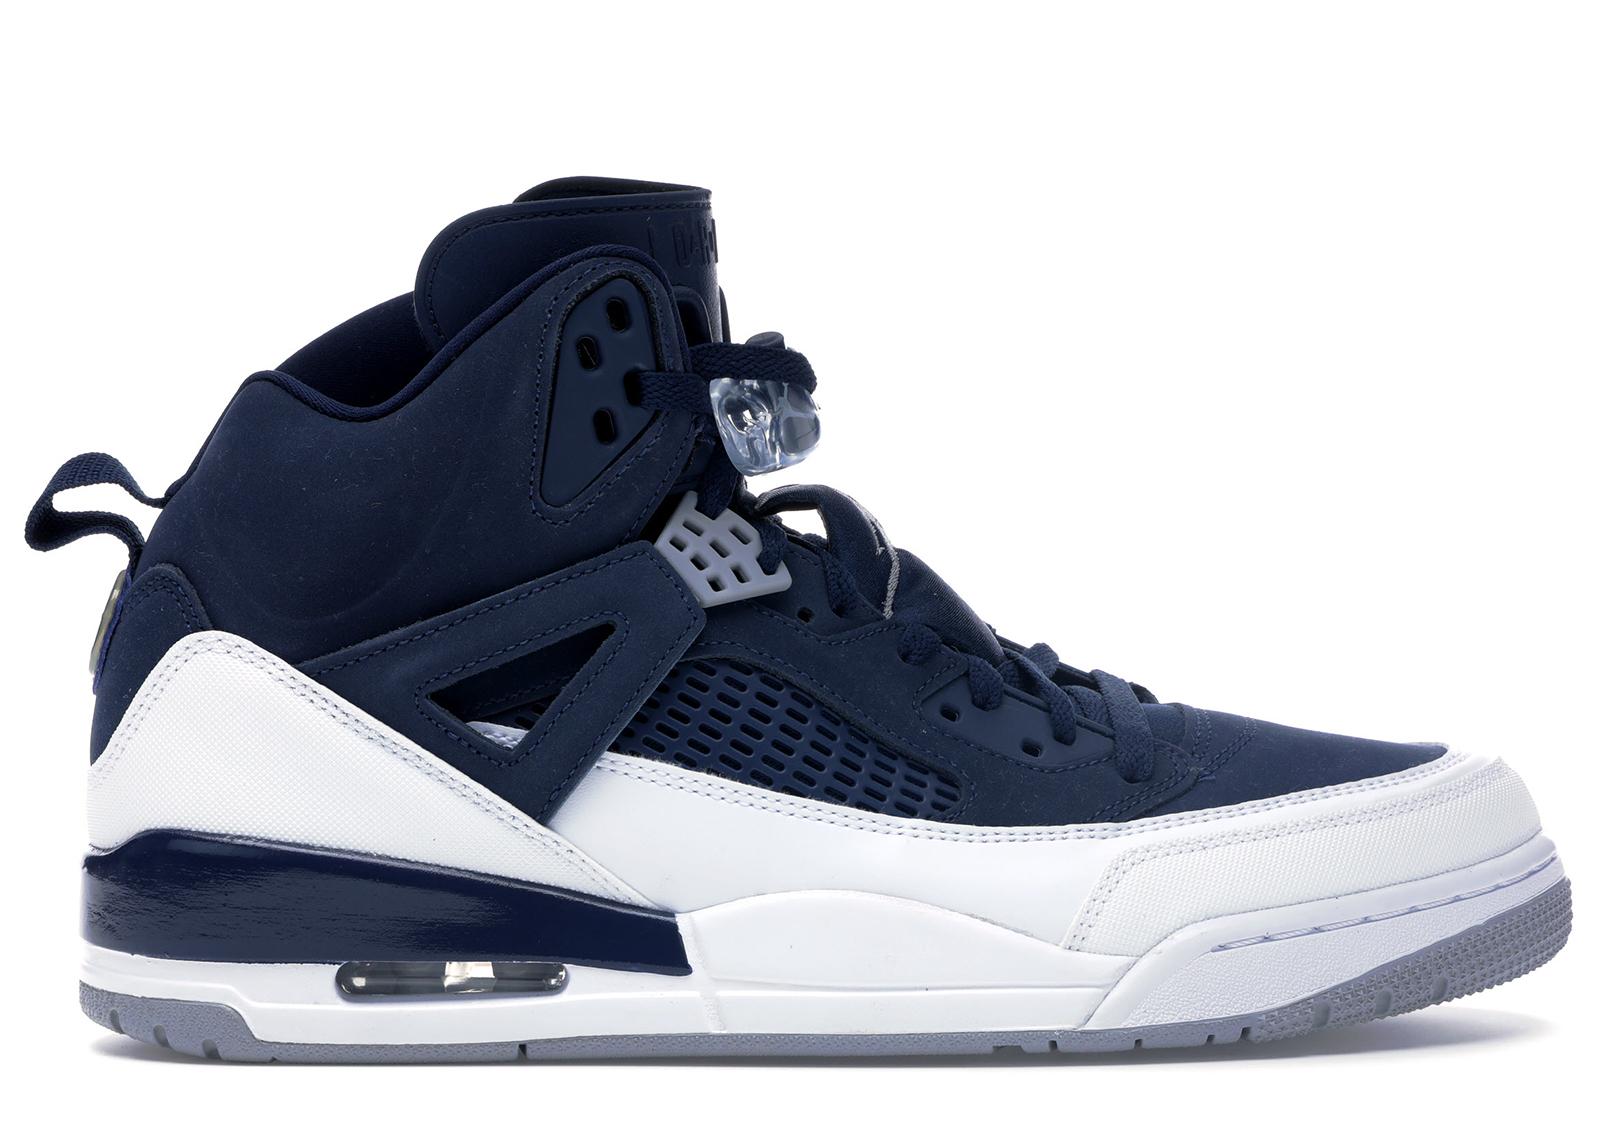 Jordan Spizike Midnight Navy - 315371-406